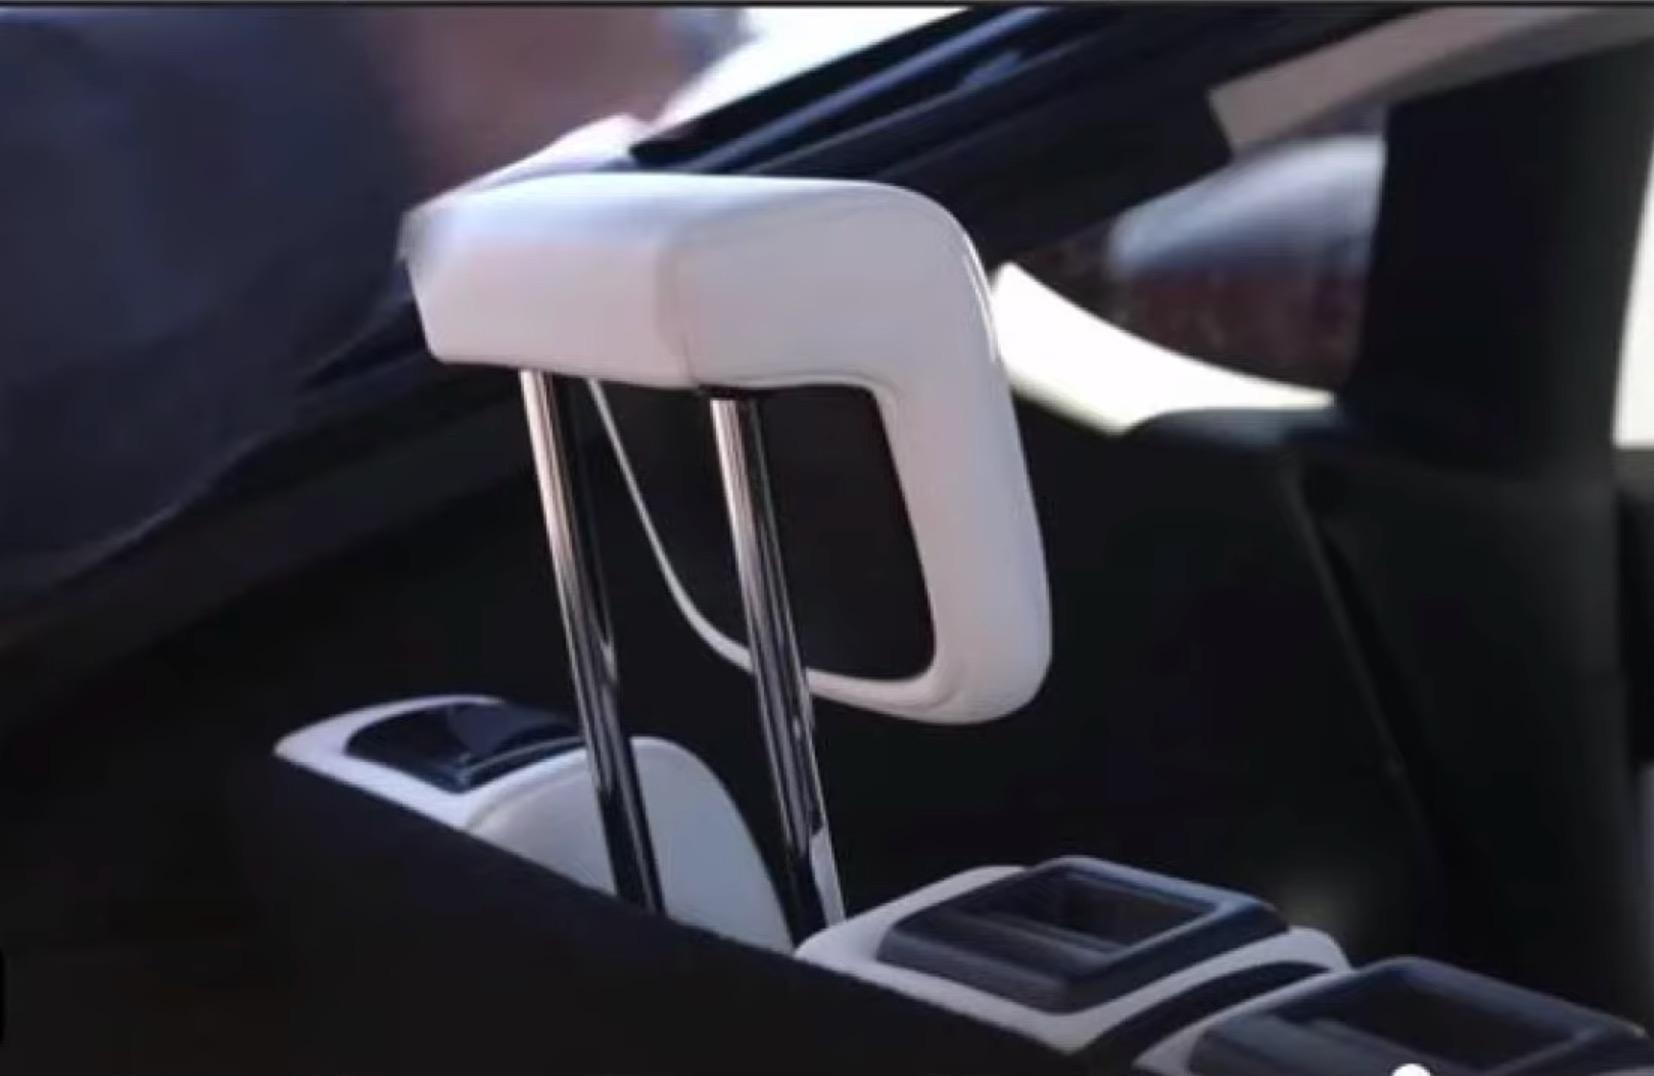 tesla-model-y-third-row-headrest